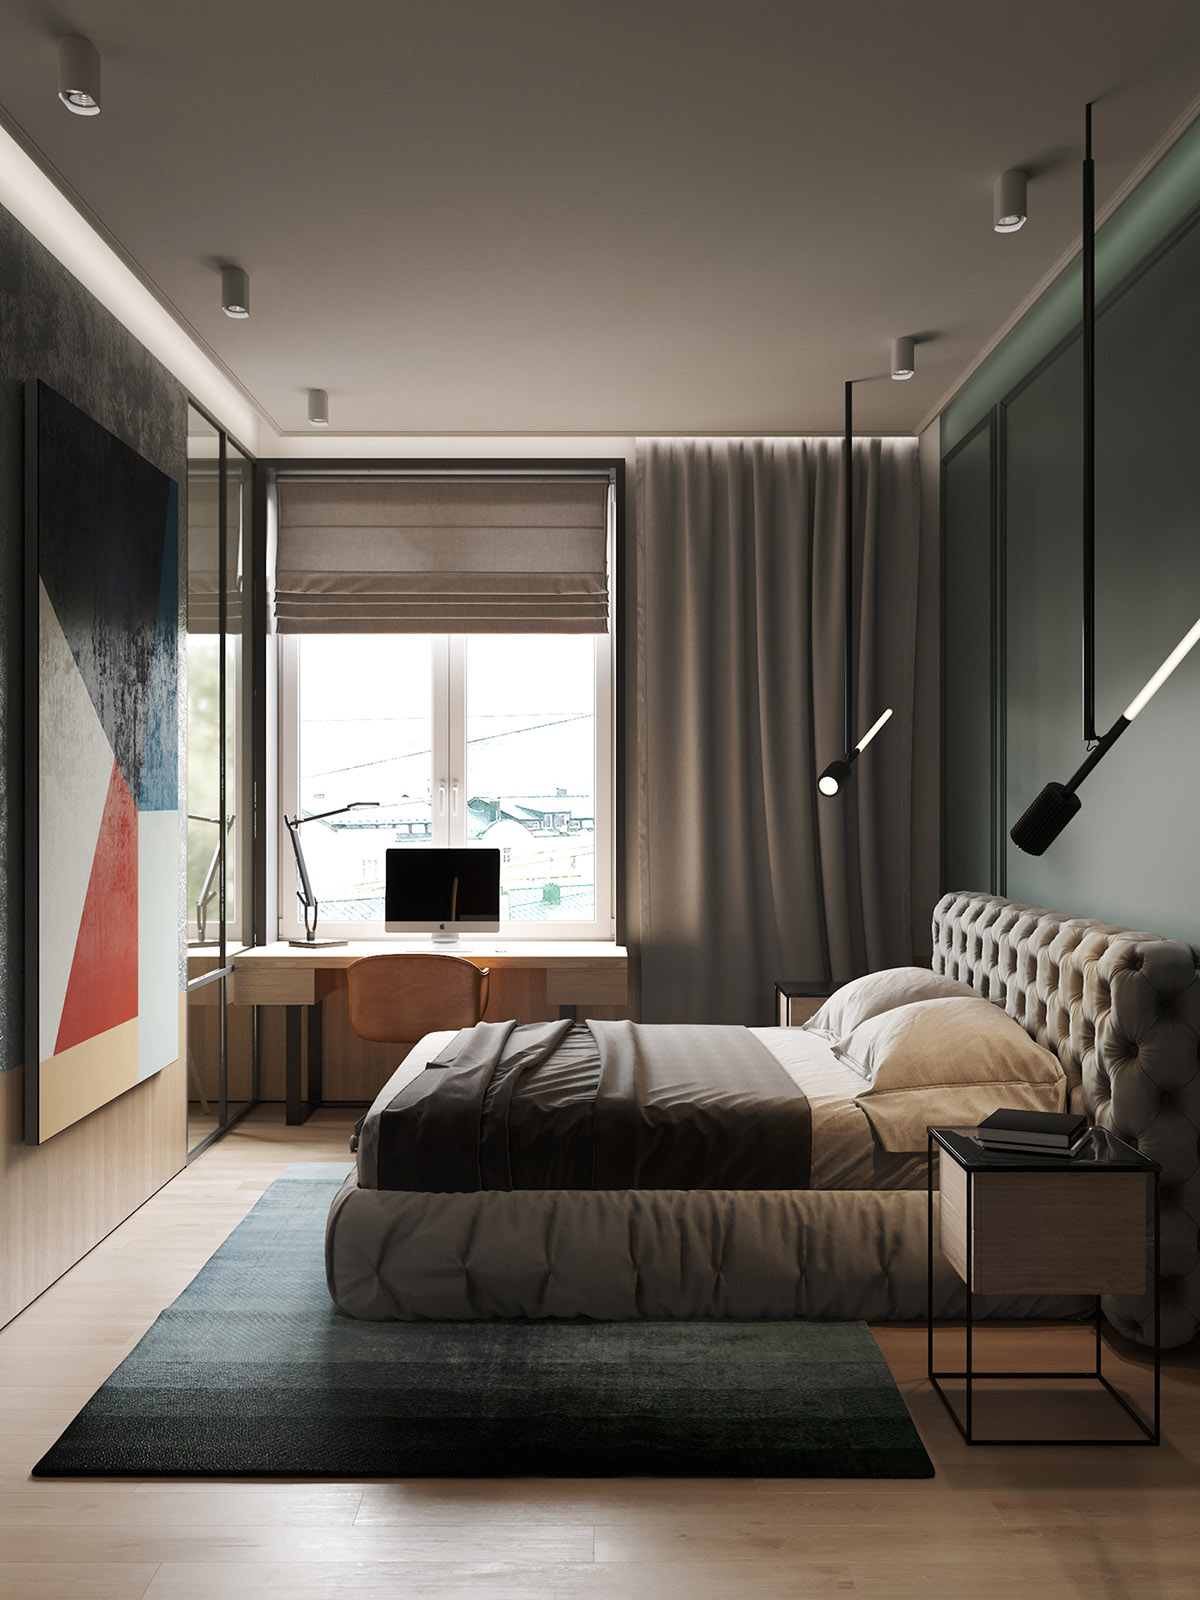 精美质感的66平方米的小公寓设计